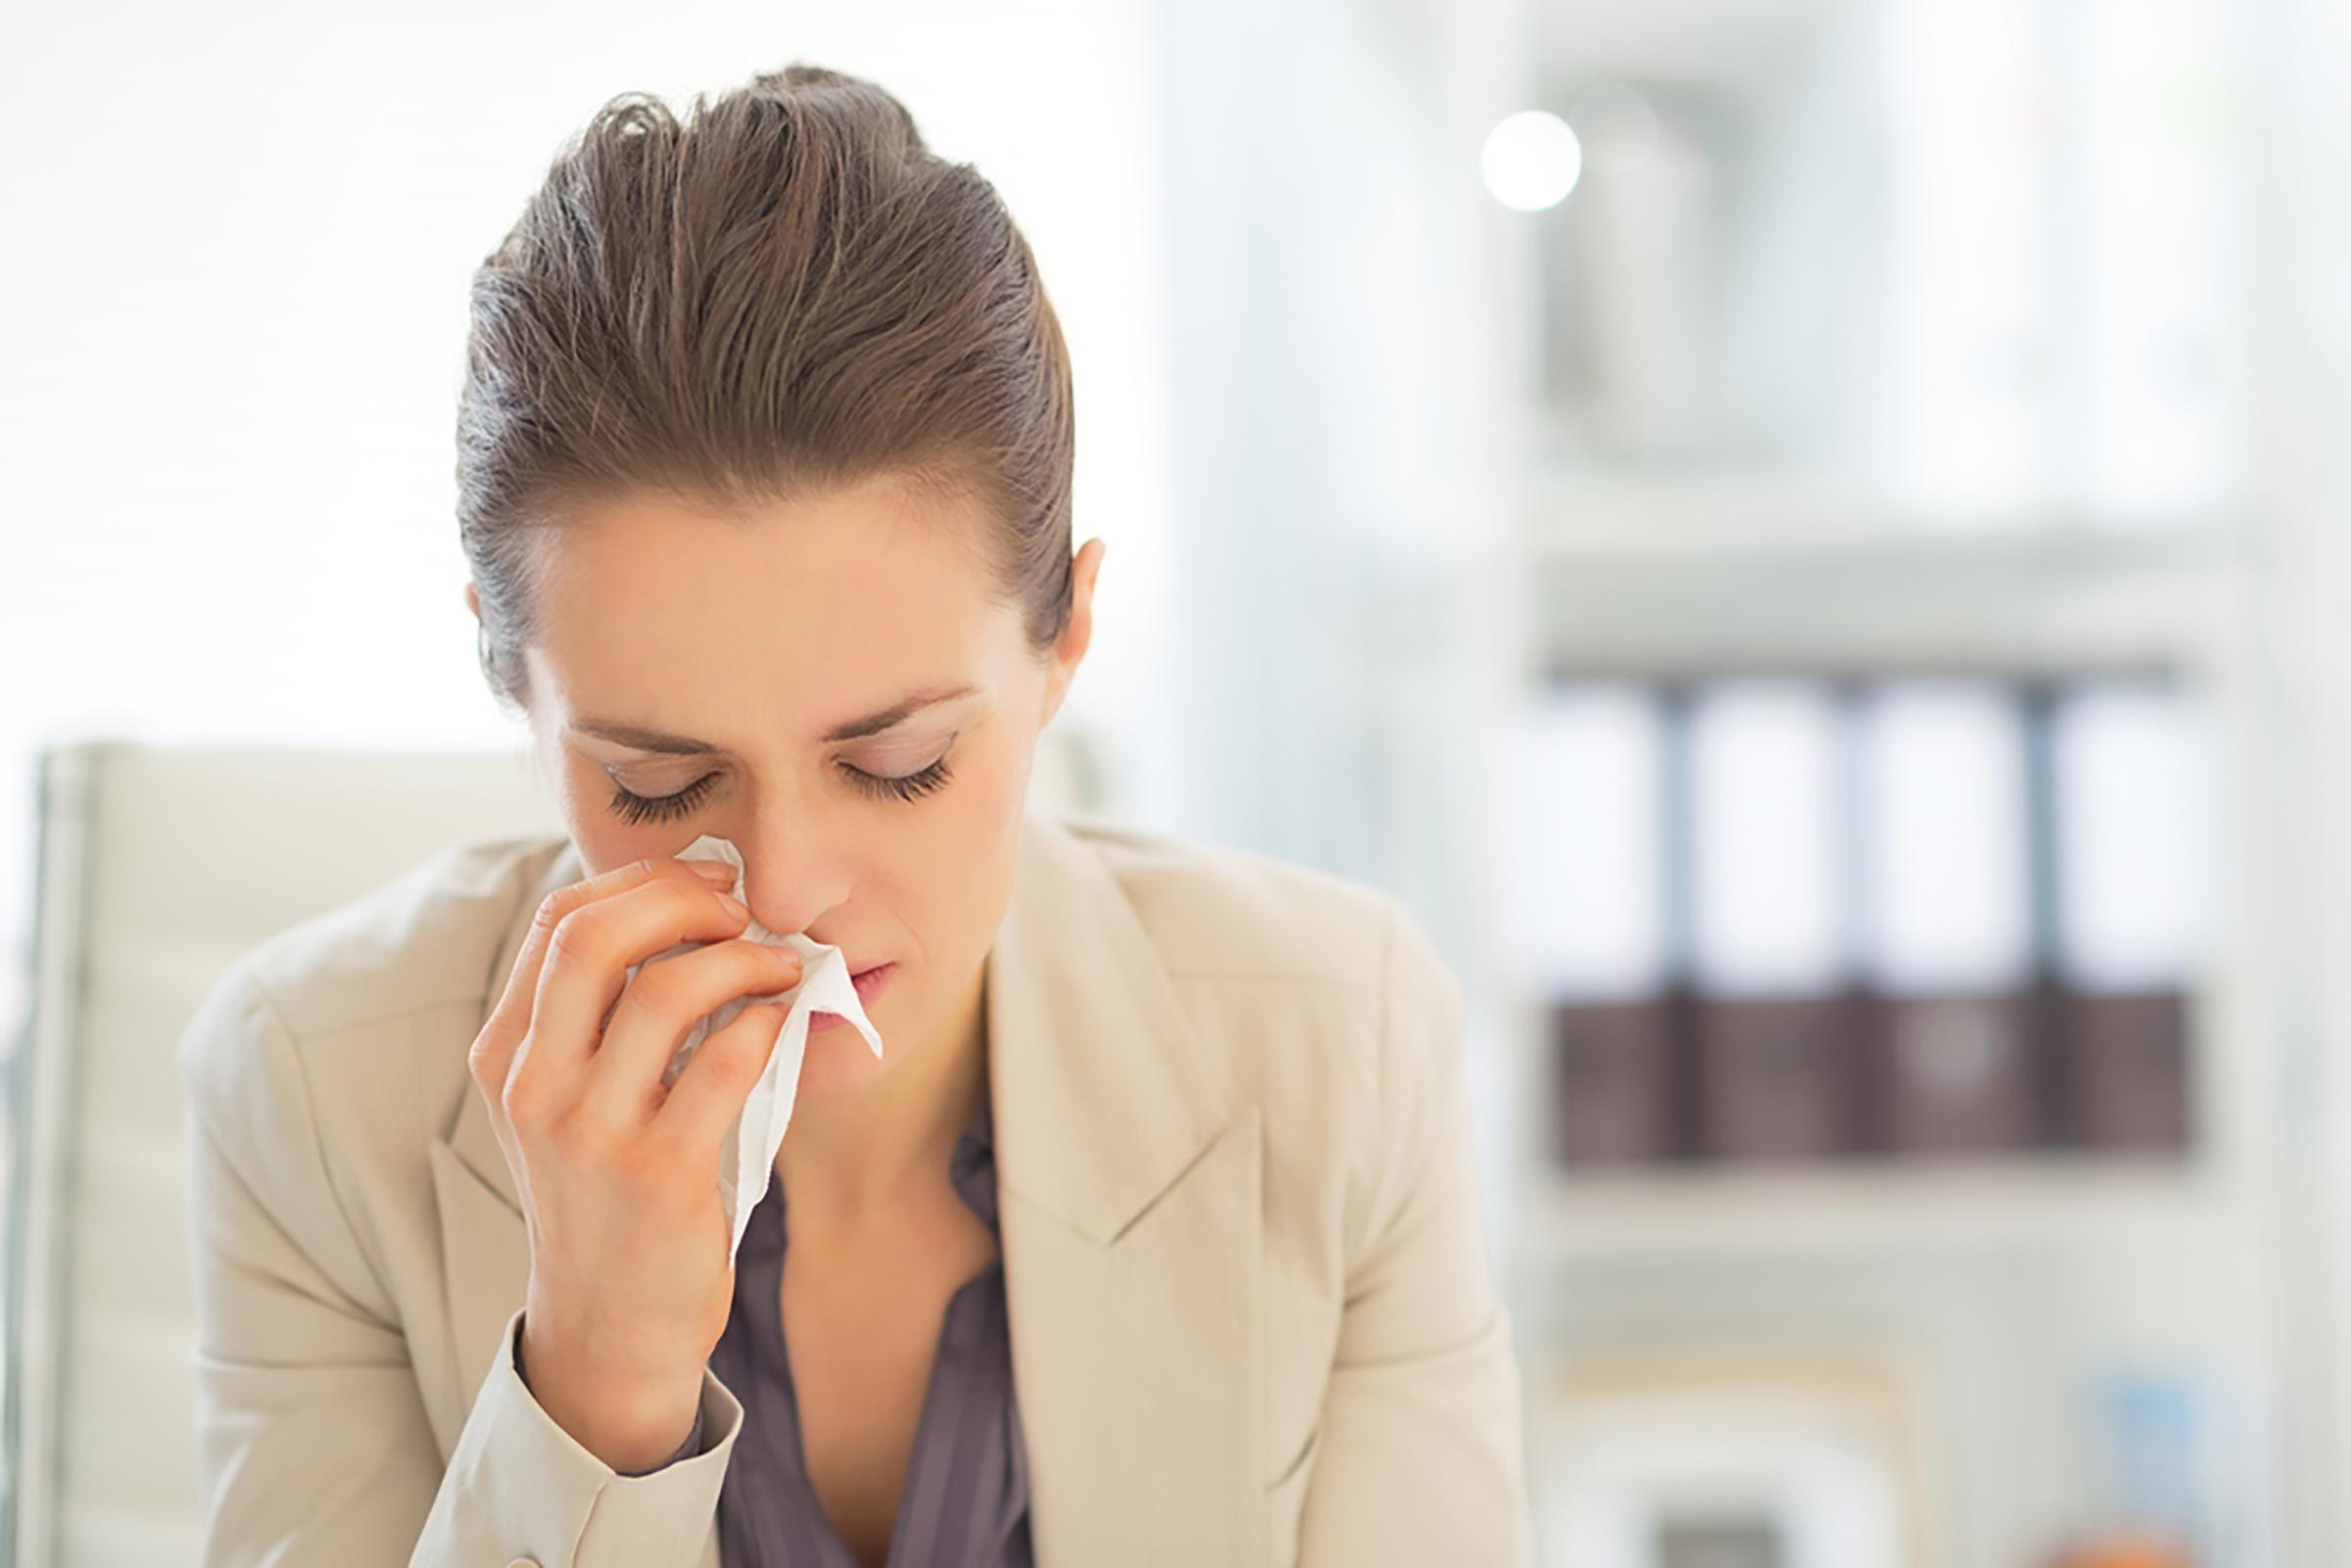 Conseil santé : ne pas aller au travail malade